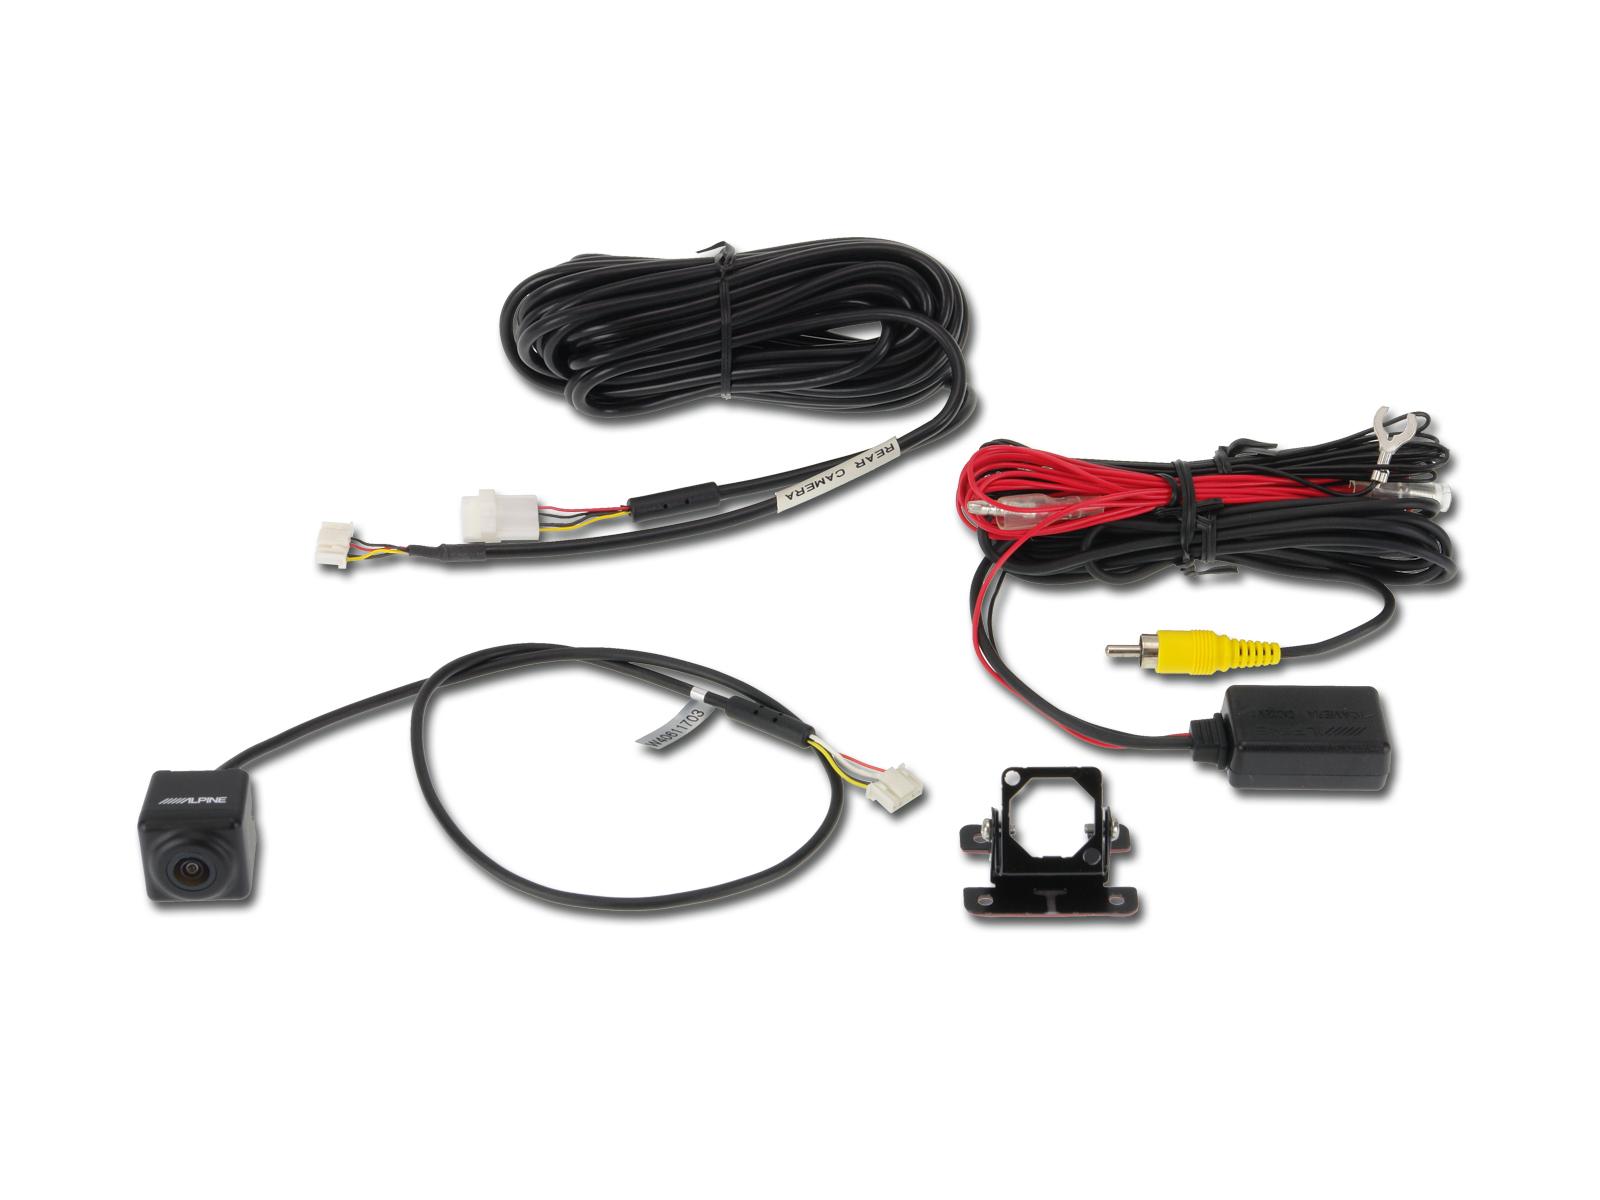 Alpine HCE-C125 parkovací kamera